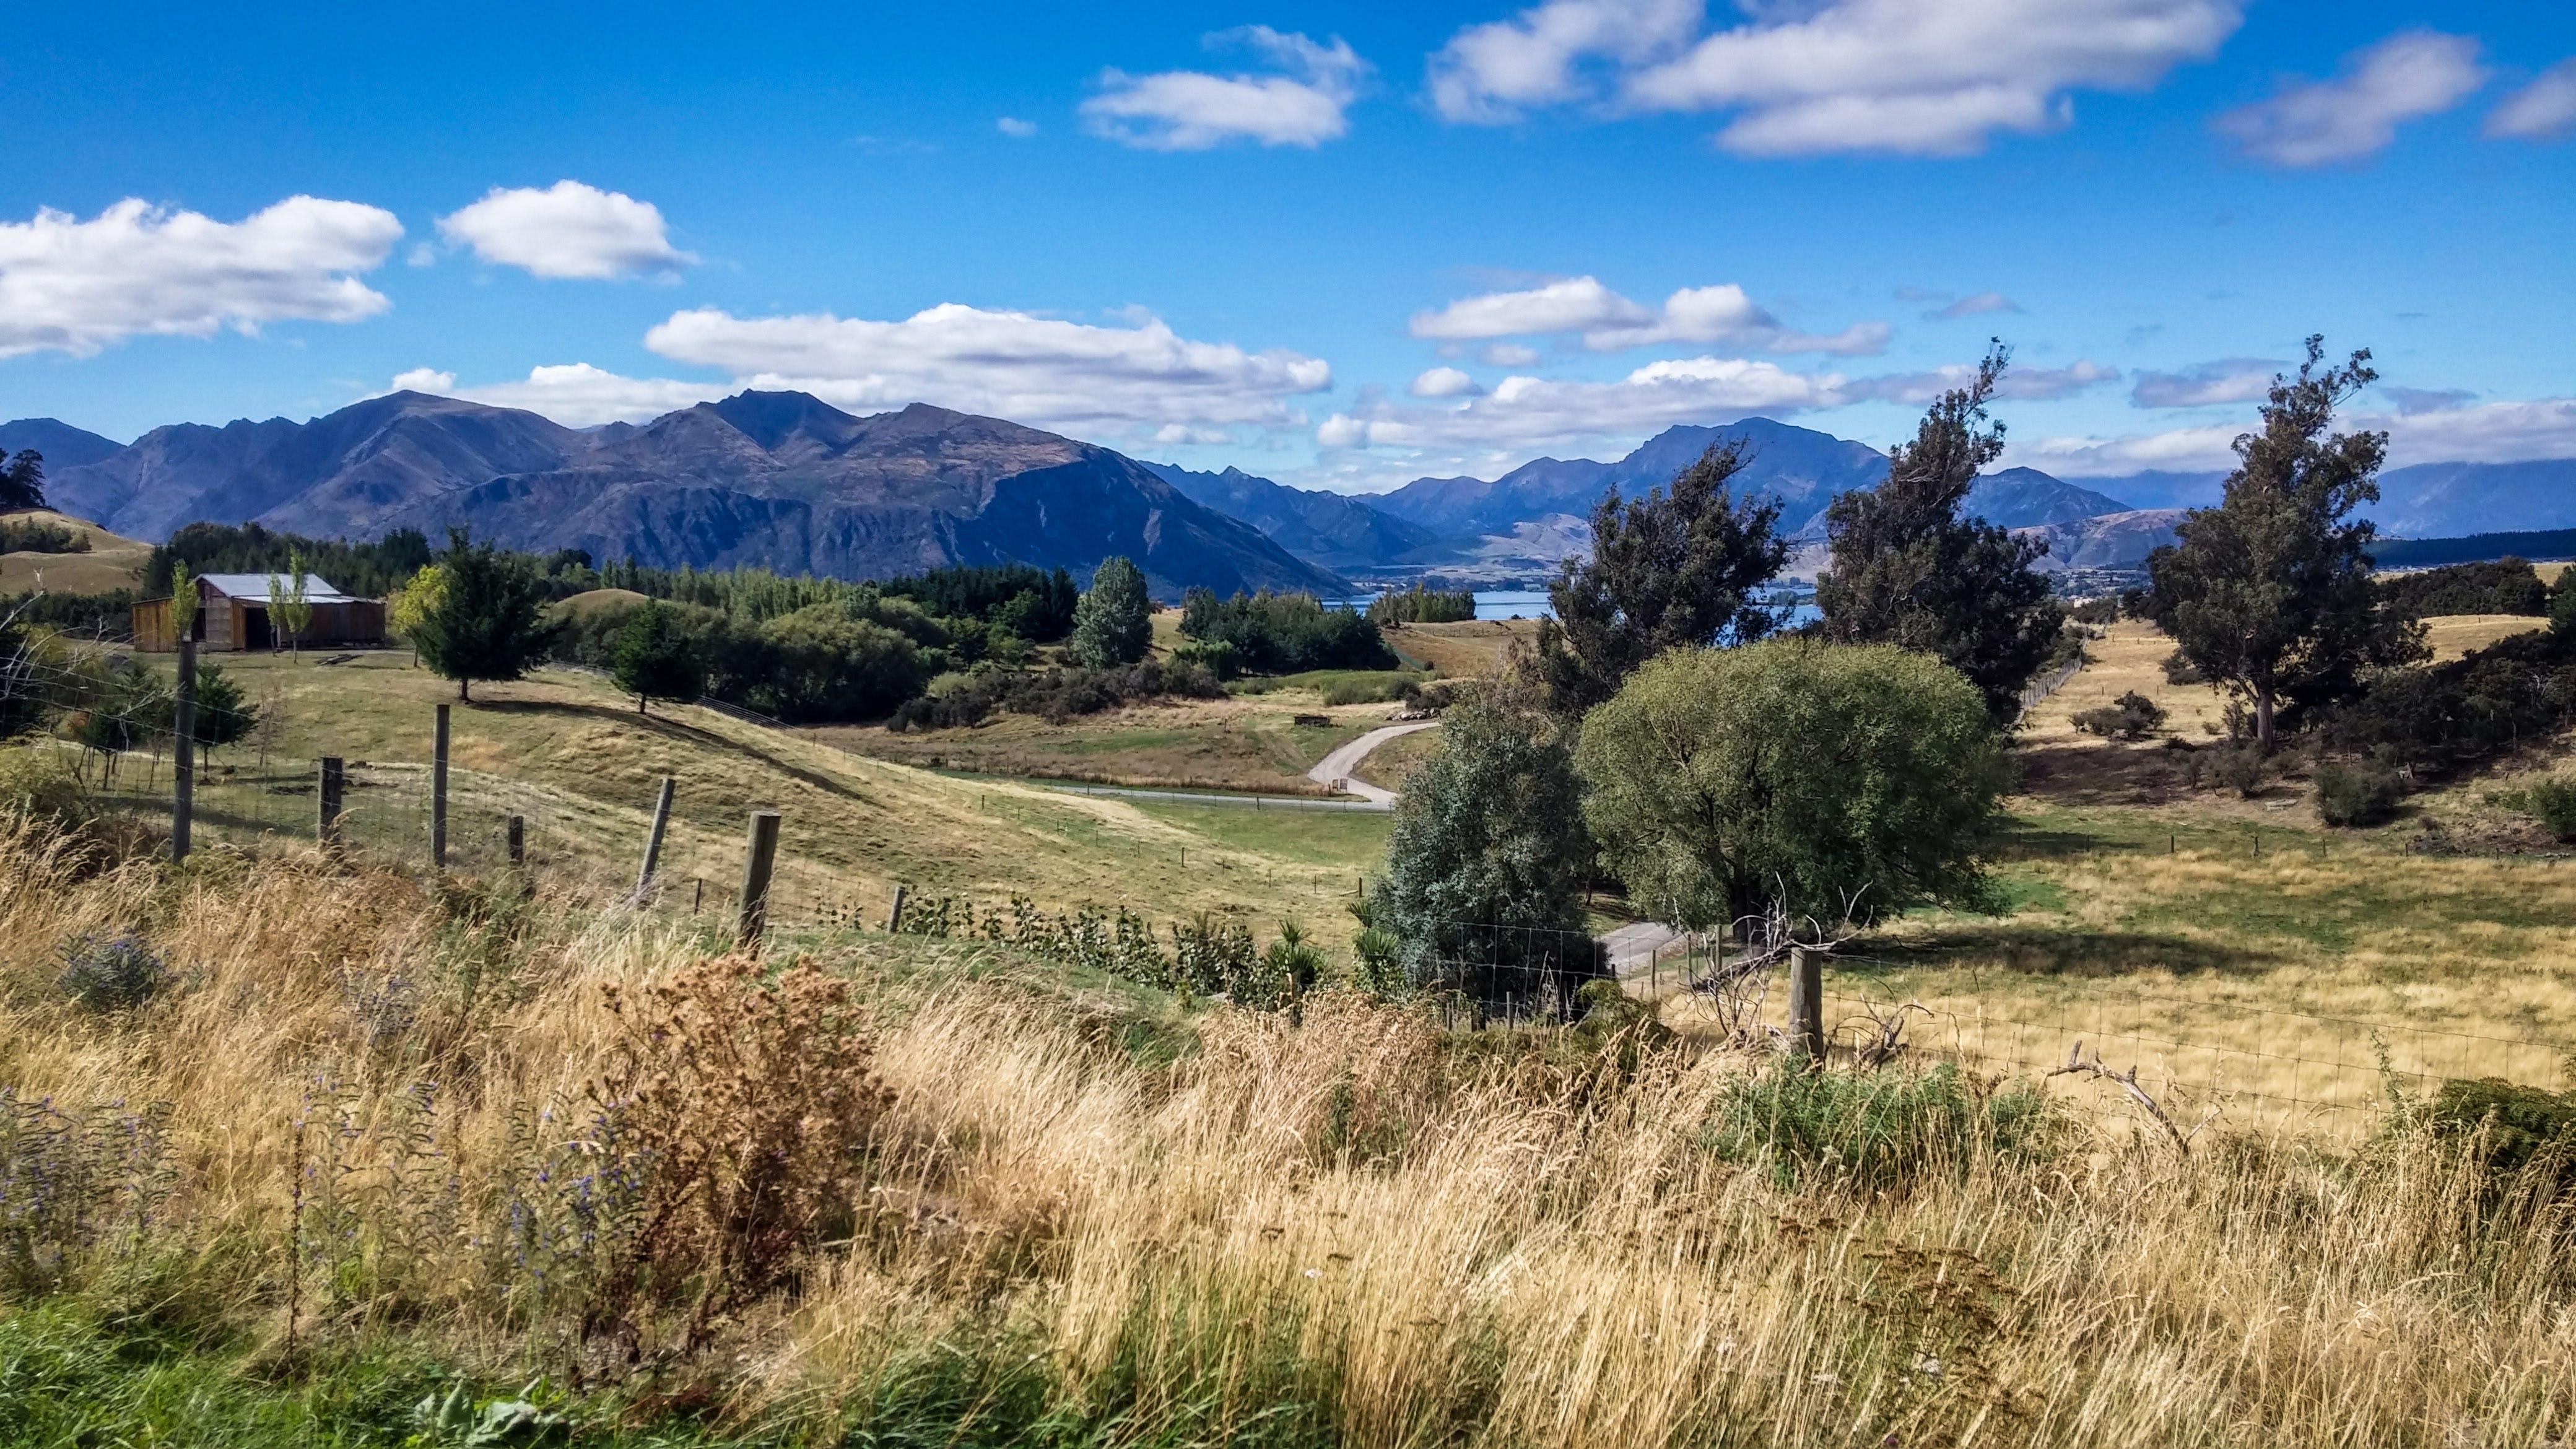 Δωρεάν στοκ φωτογραφιών με βουνά, βουνό, γήπεδο, γρασίδι